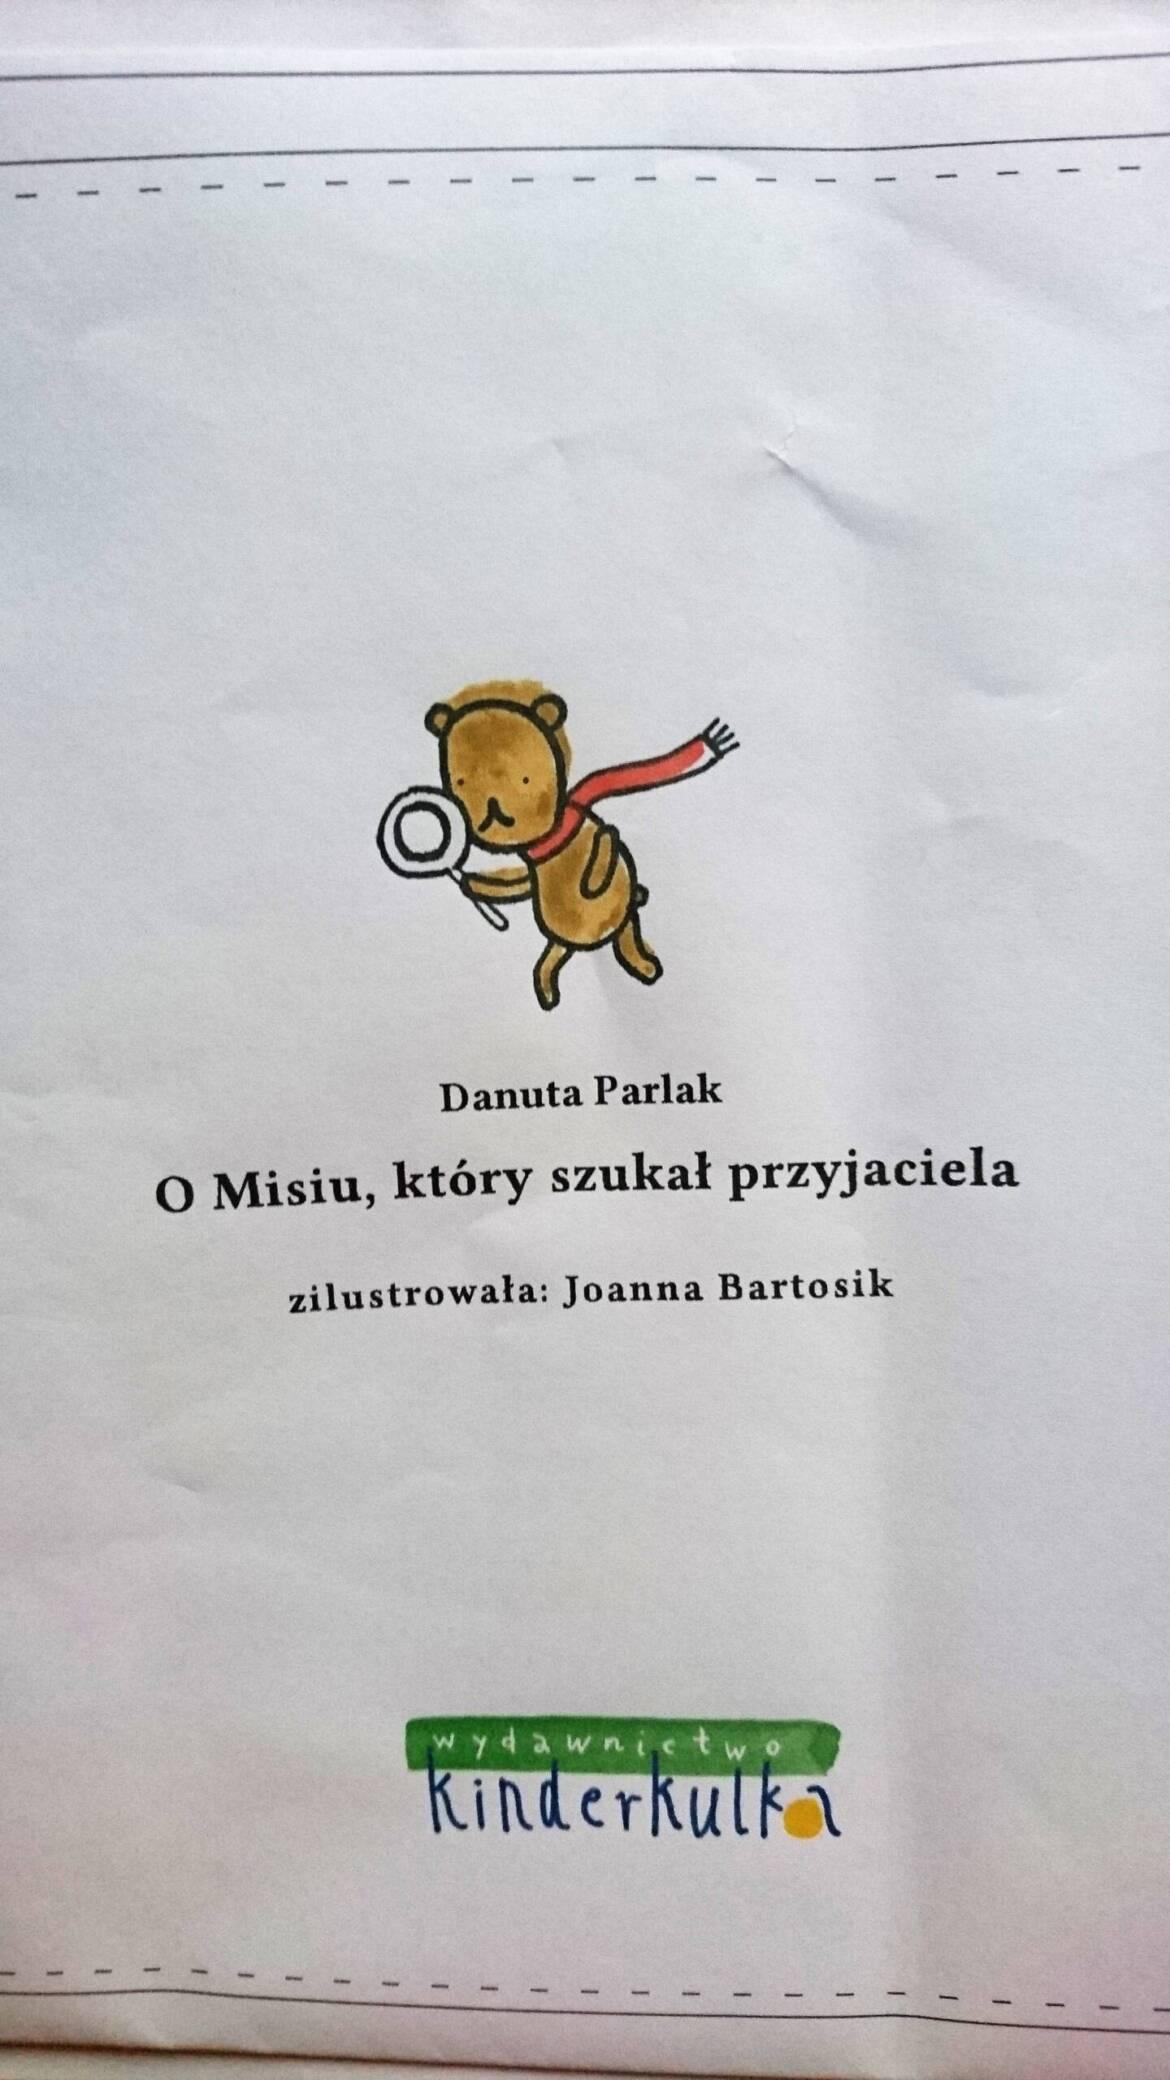 o_misiu_ktory_szukal_przyjaciela_kinderkula_wydruk_probny_6-scaled.jpg